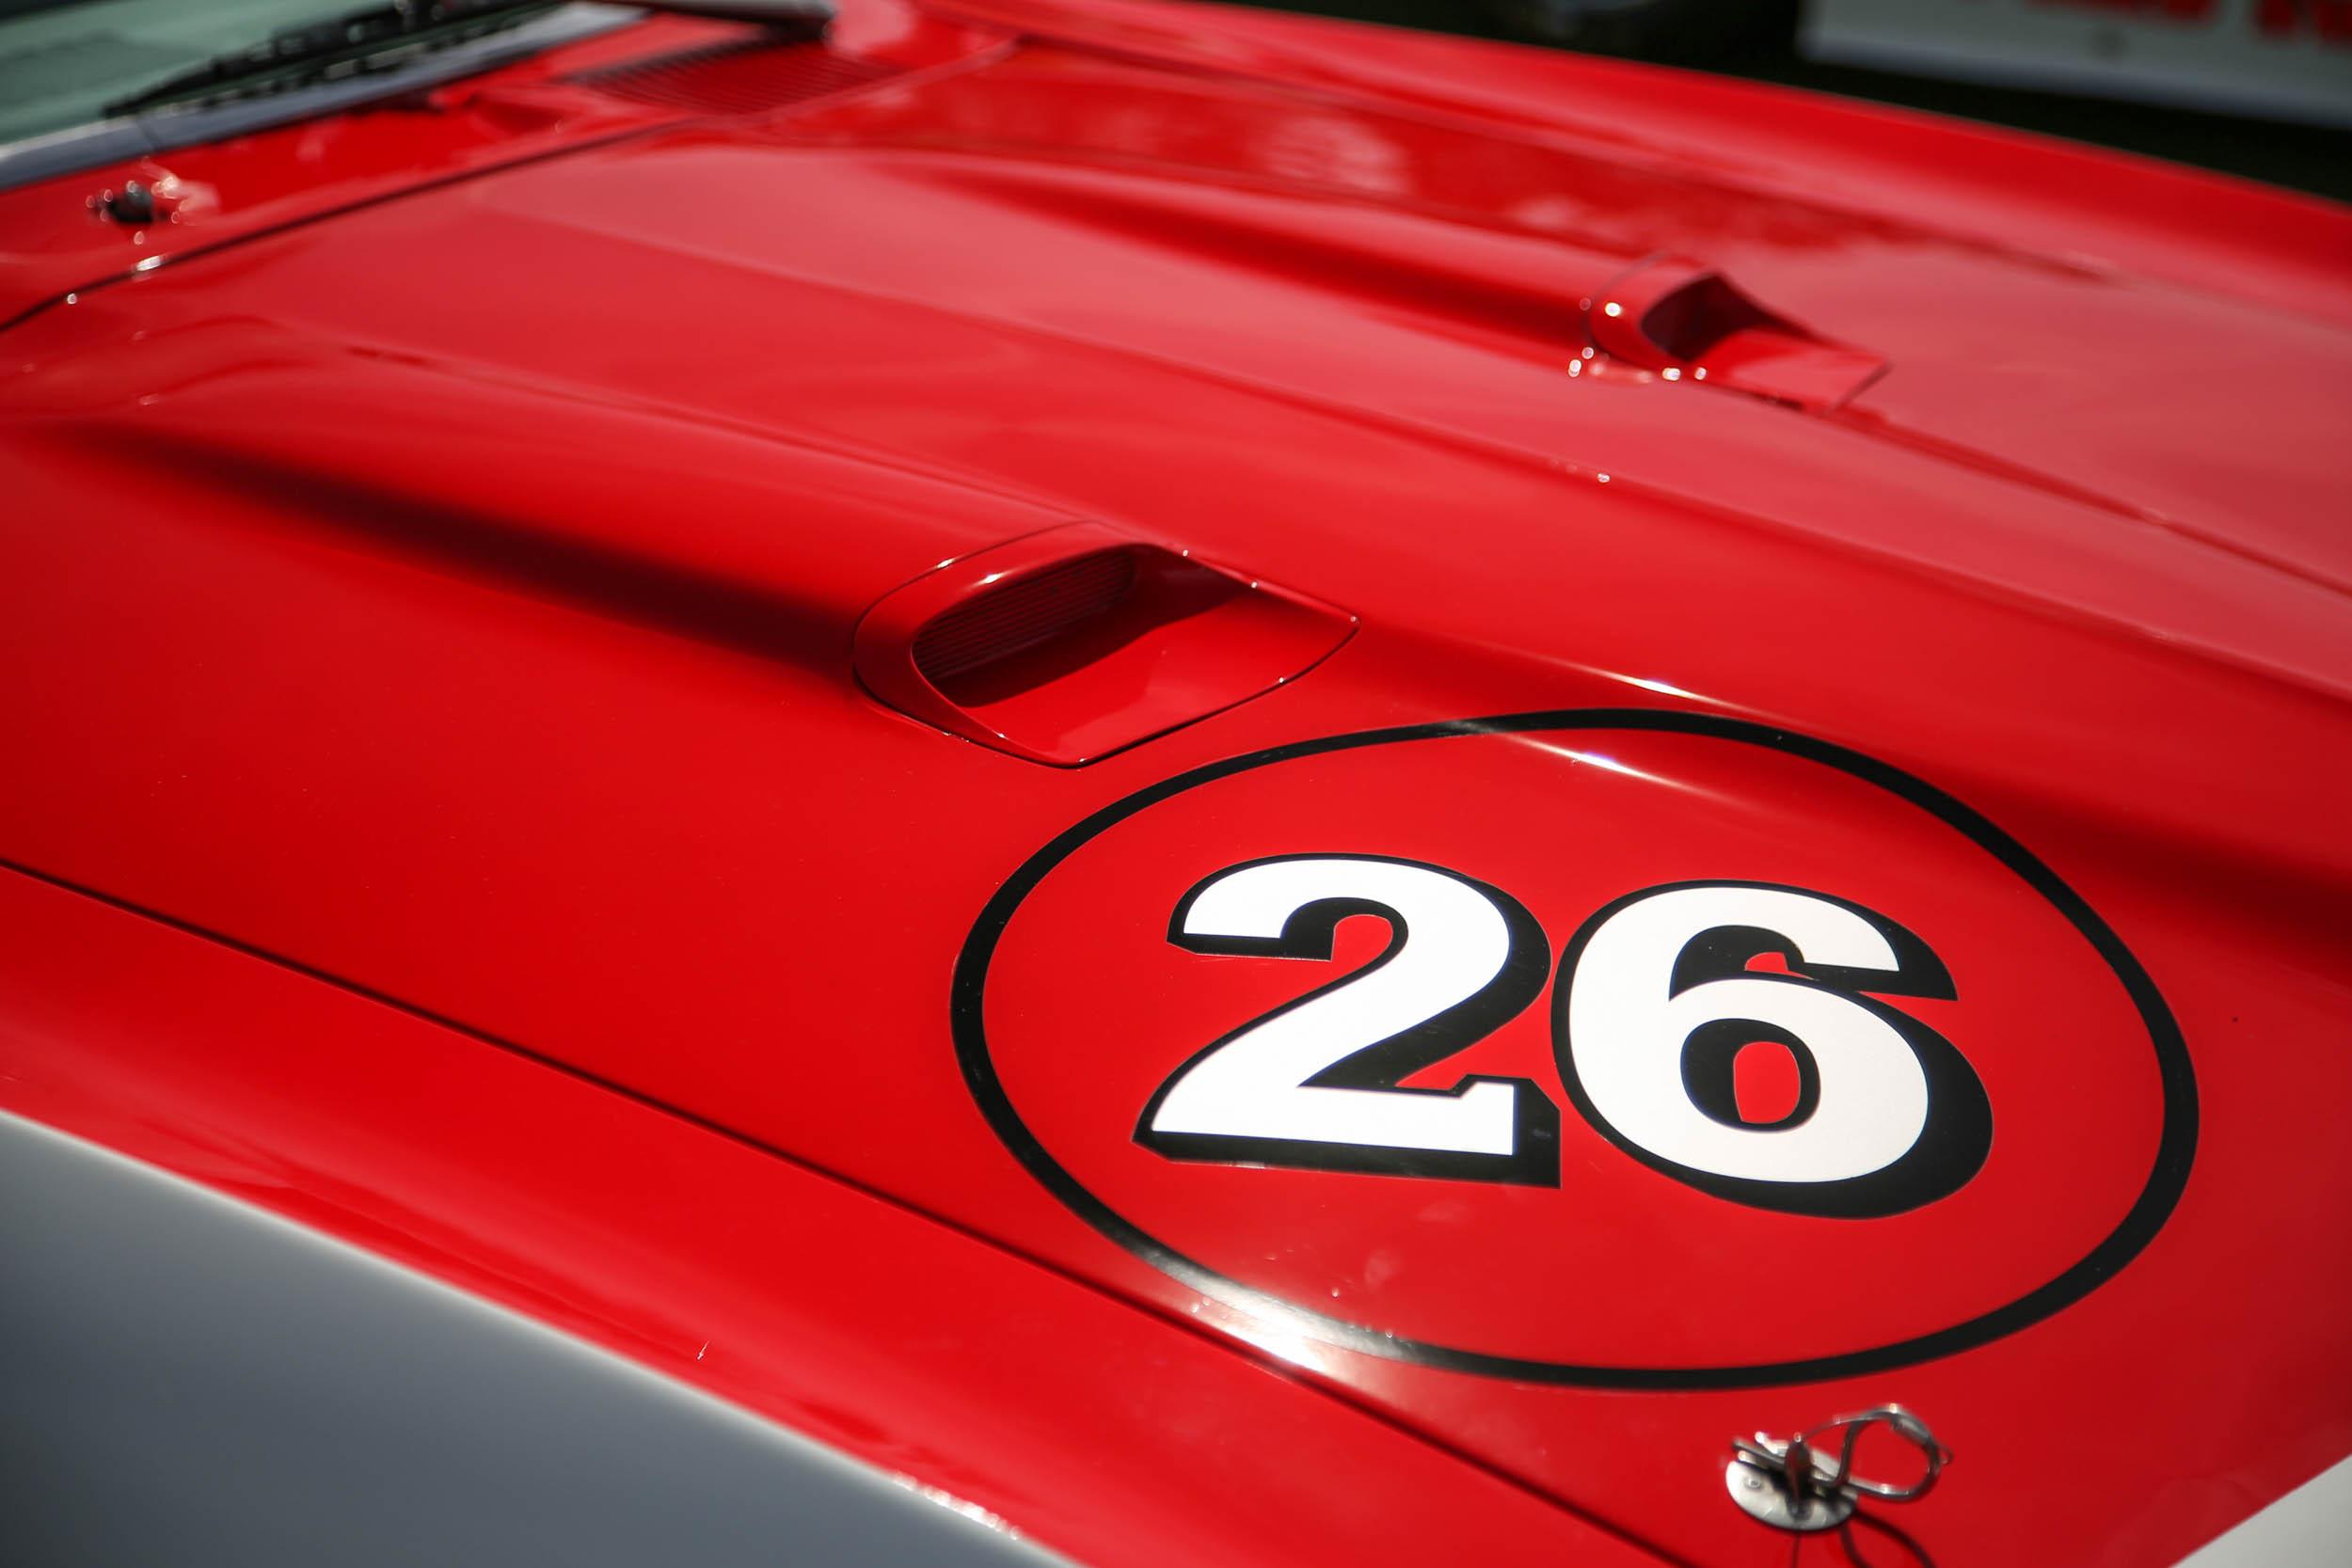 Amelia Island 2018 car hood detail